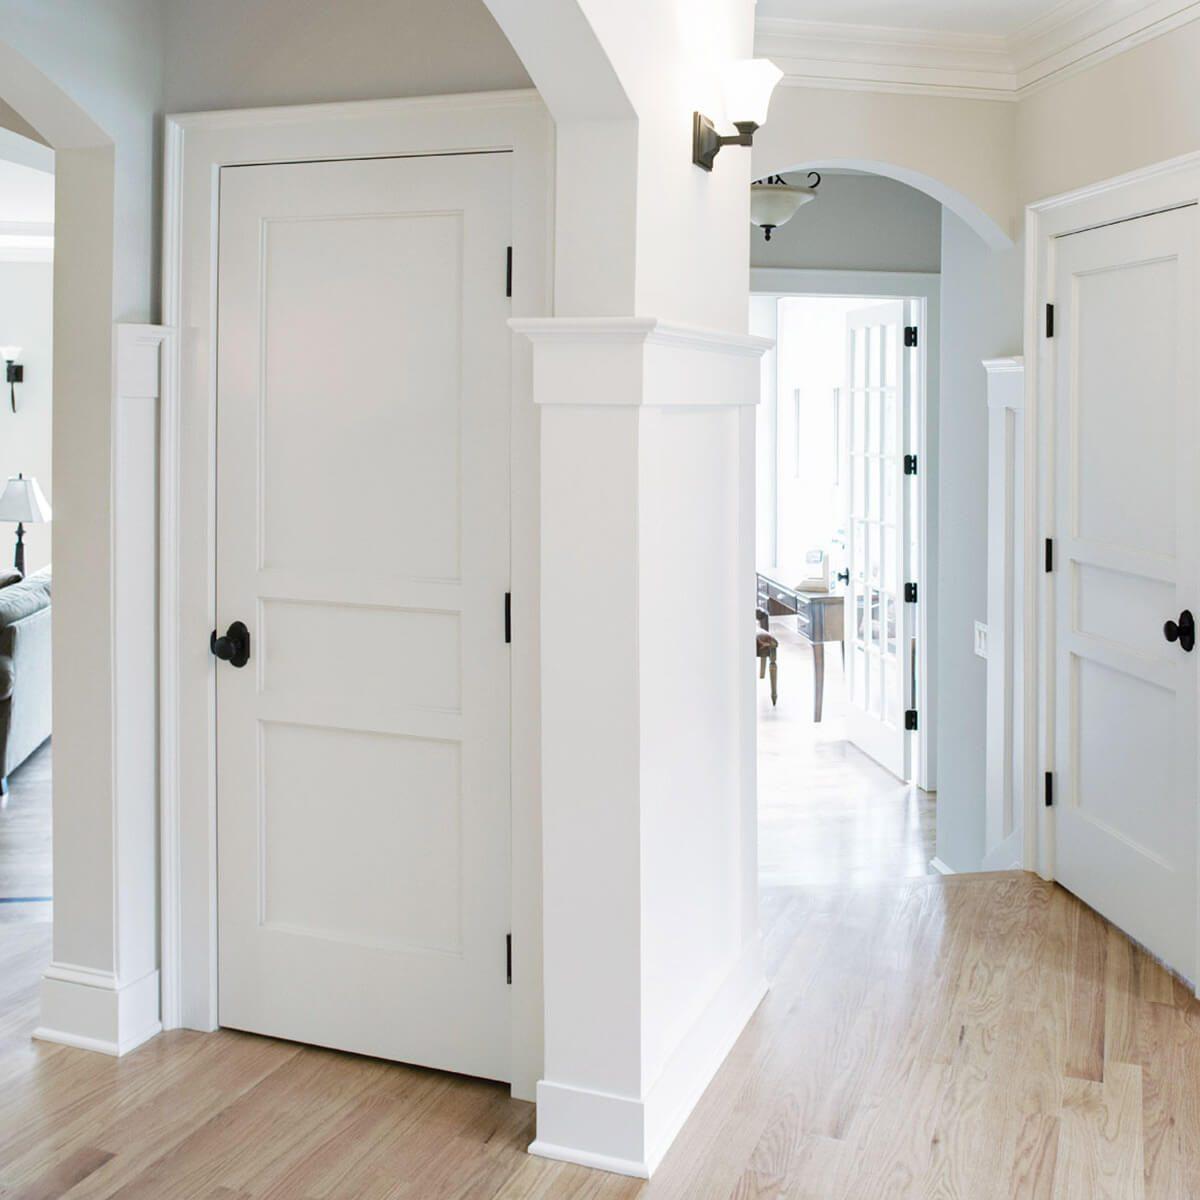 Jeld-wen panel door